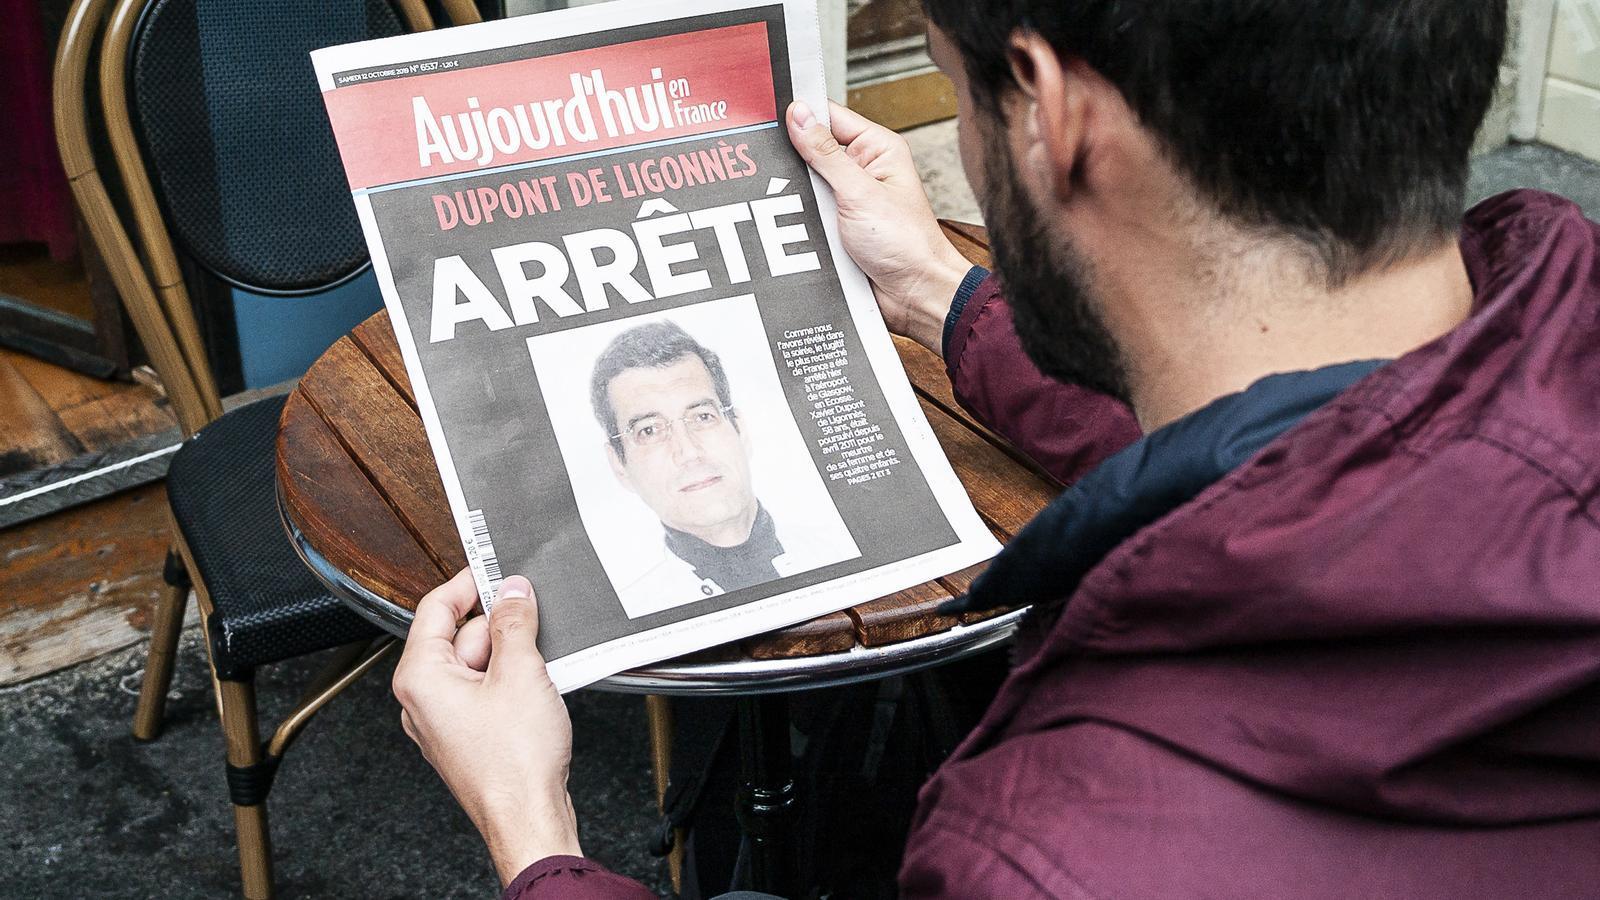 Un jove observant la portada de 'Le Parisien' amb una fotografia de Dupont